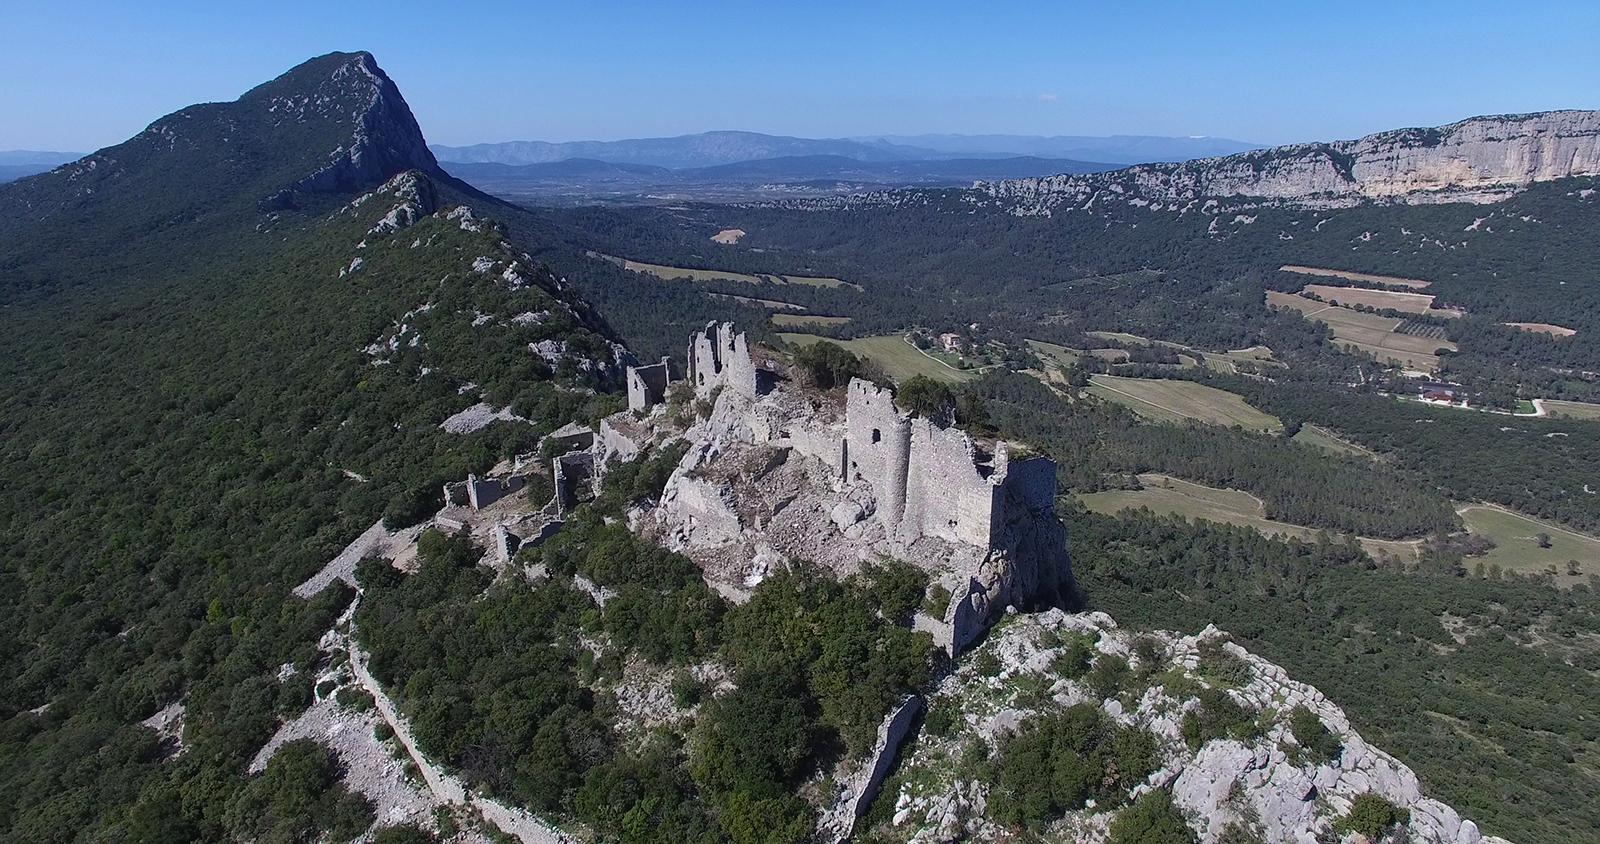 Vidéo aérienne du château de Montferrant